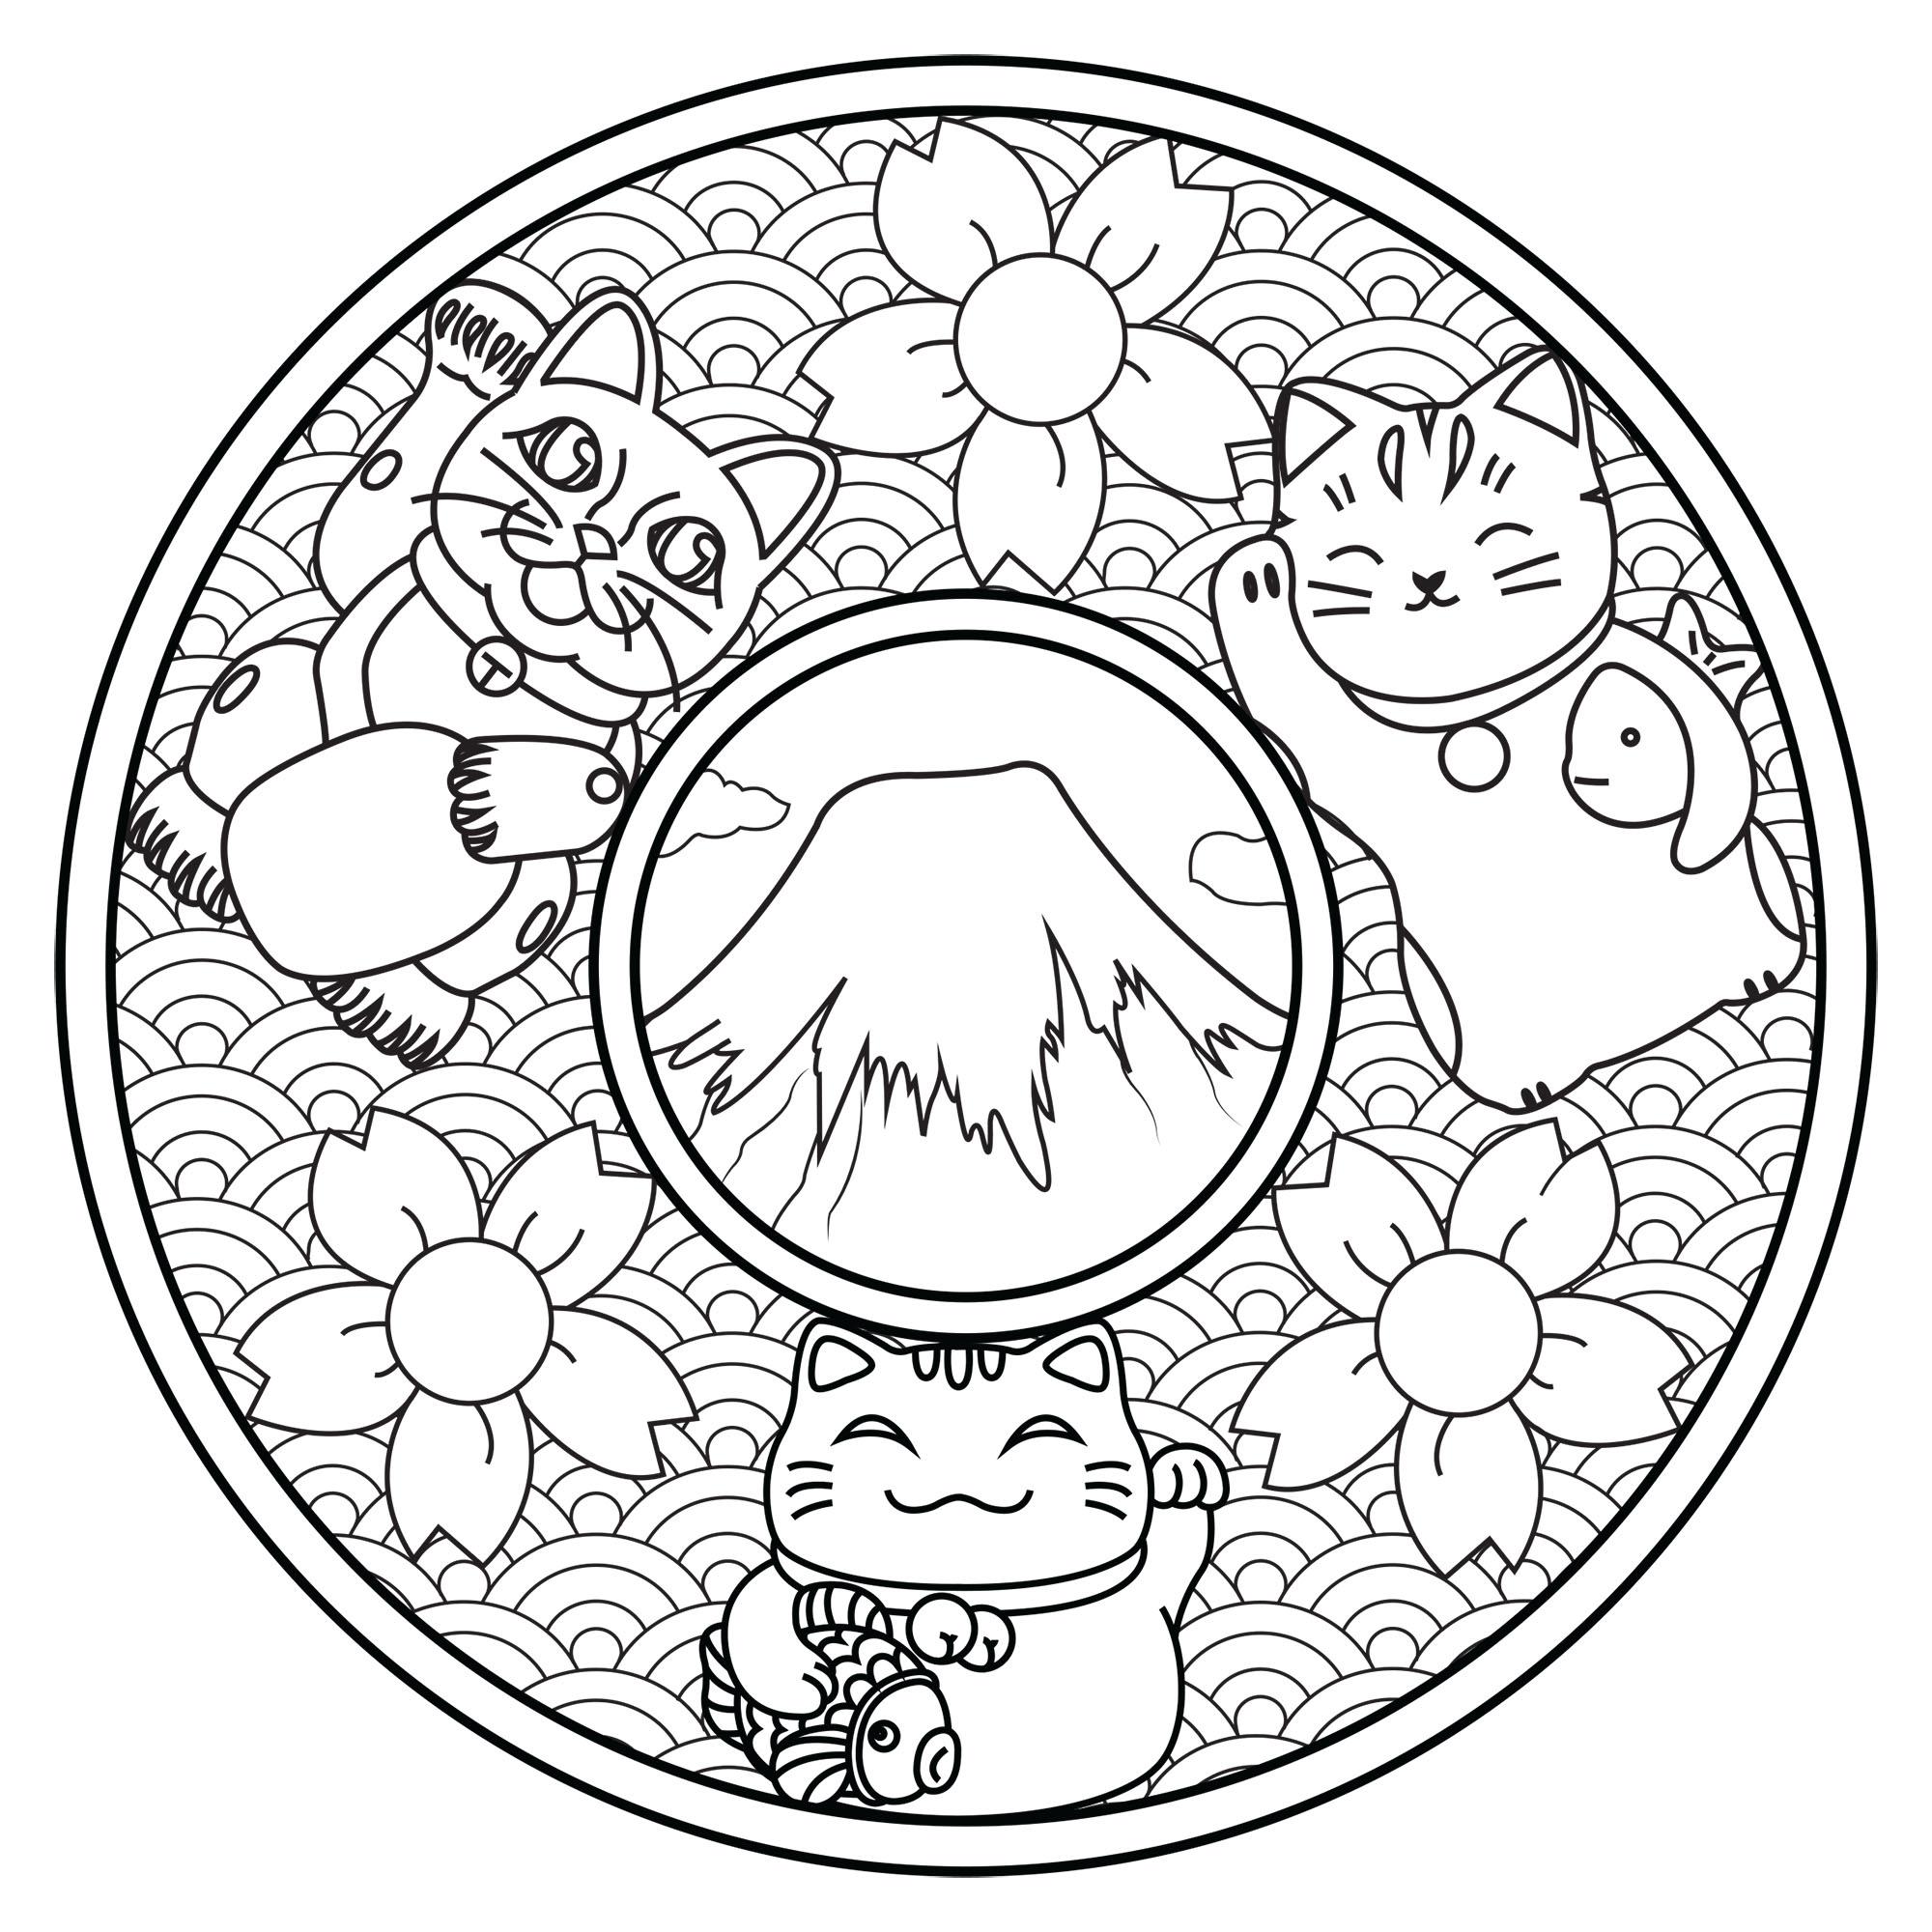 Coloriez ces trois chats mignons sur ce Mandala inspiré du Japon : le Mont Fuji, des fleurs de cerisiers, des vagues ...